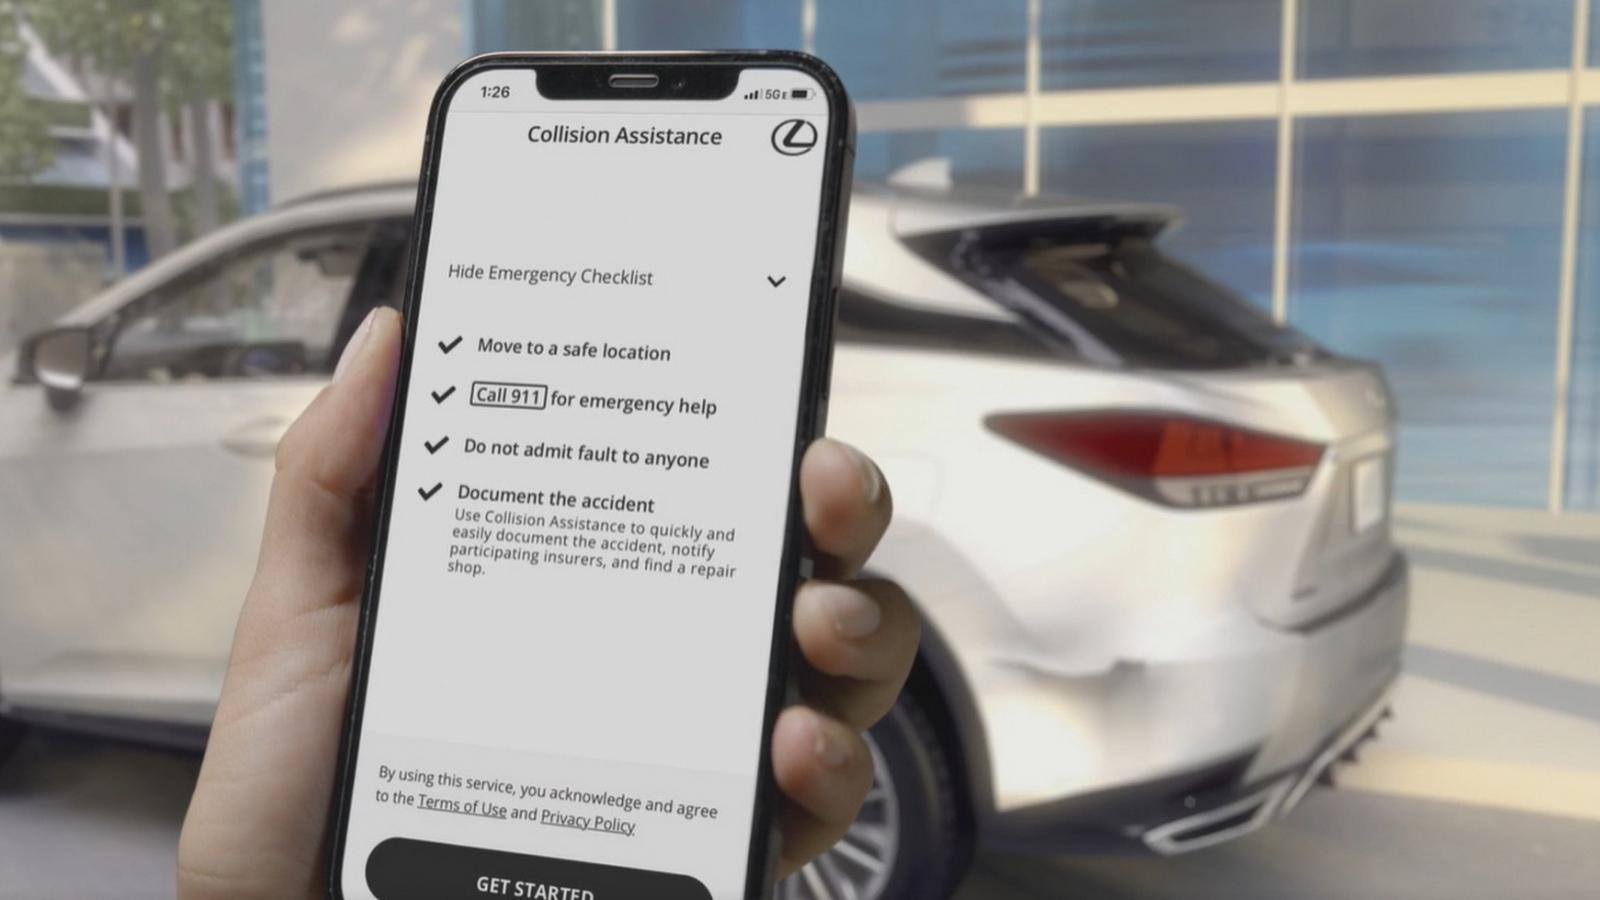 Toyota và Lexus giới thiệu dịch vụ hỗ trợ người dùng sau tai nạn